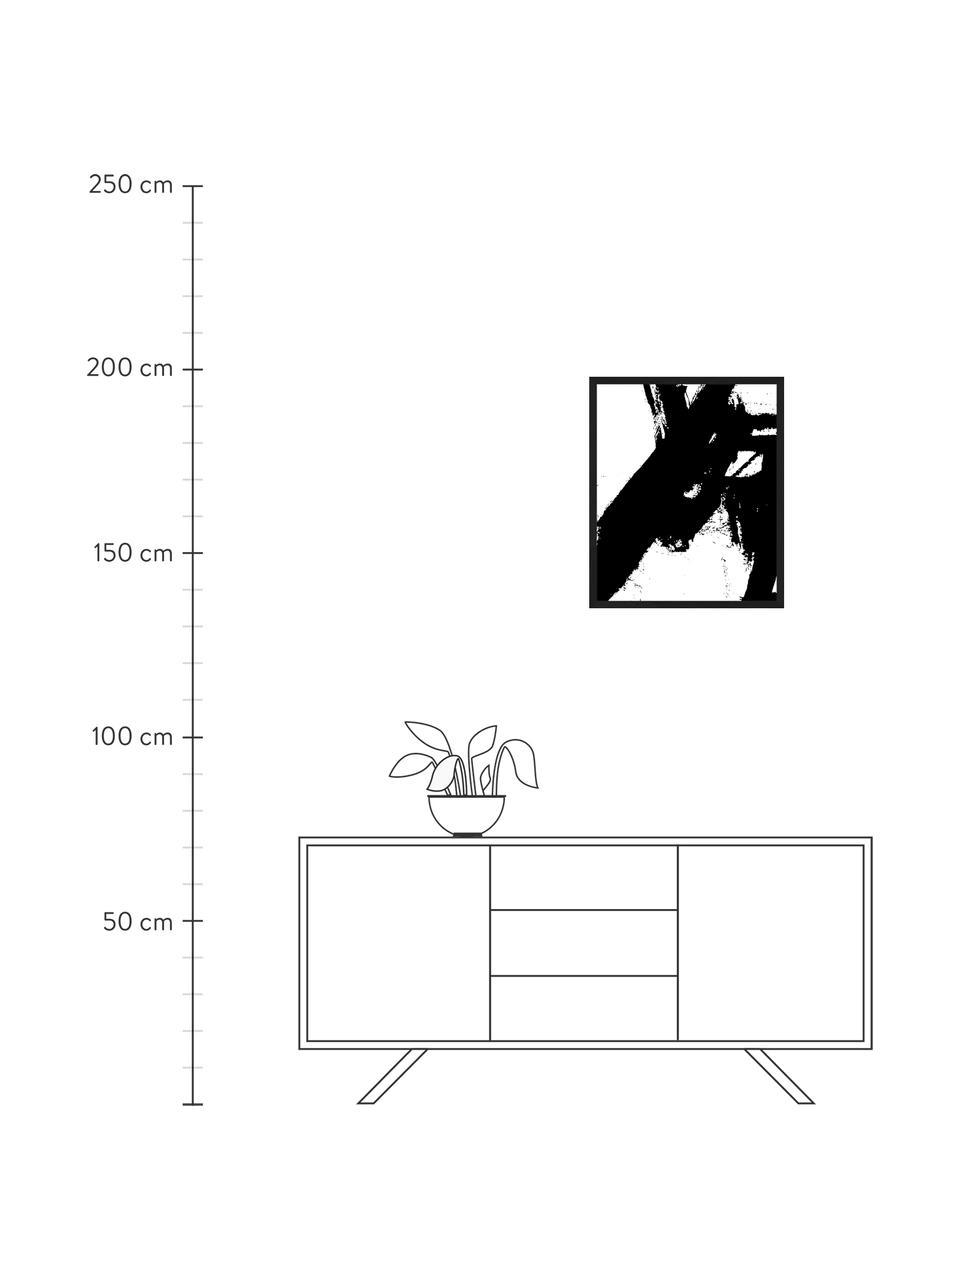 Gerahmter Digitaldruck Franz Kline V1, Bild: Digitaldruck auf Papier, , Rahmen: Holz, lackiert, Front: Plexiglas, Schwarz, Weiß, 53 x 63 cm